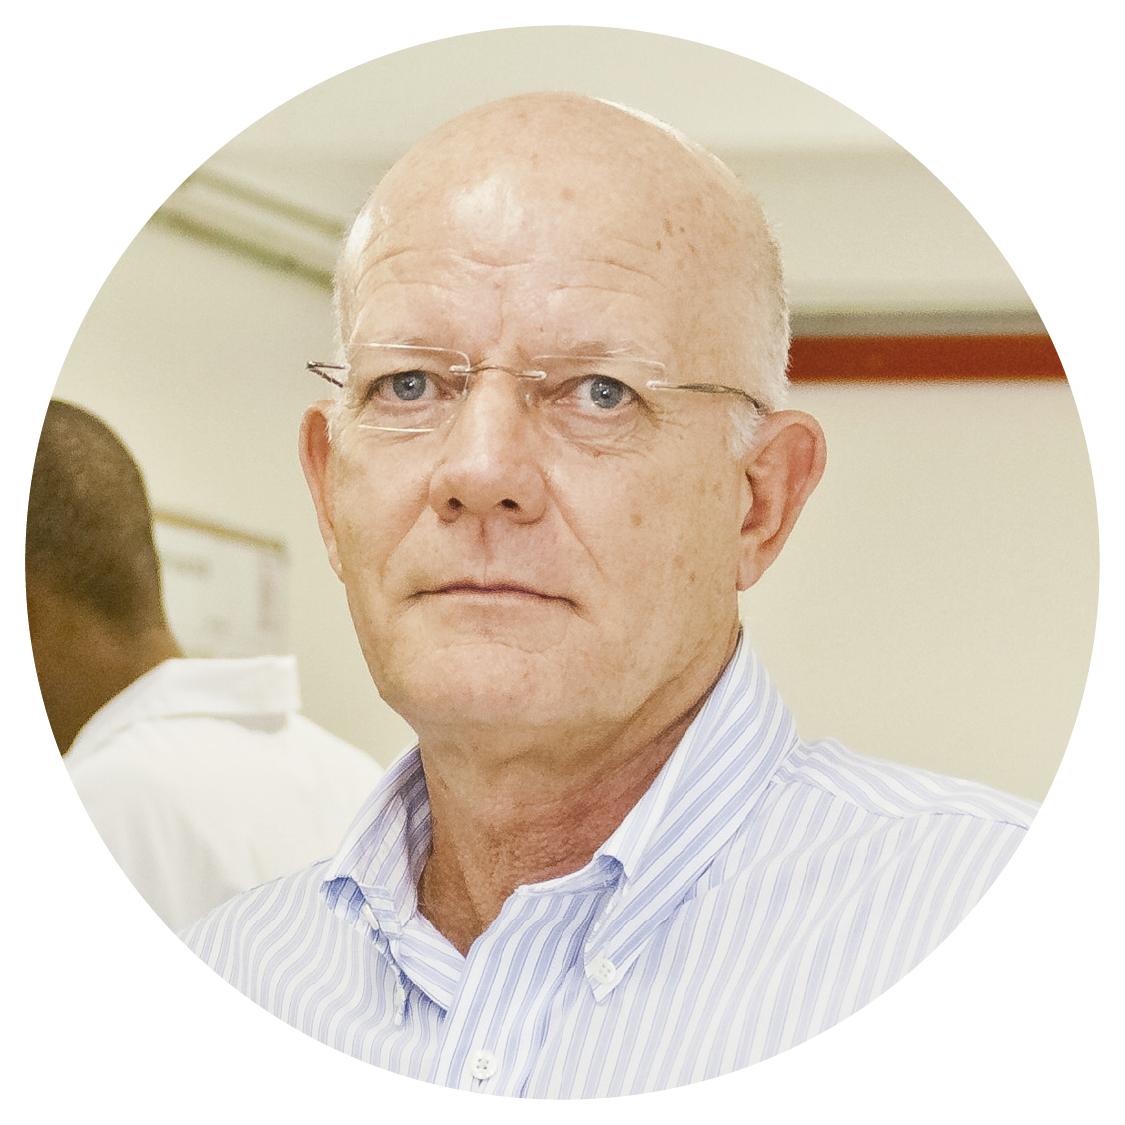 Prof. Dr. Paulo Fernando Machado - Criador do modelo Agro+Lean, é diretor da Clínica do Leite, com mais de 40 anos de experiência em gestão de fazendas.